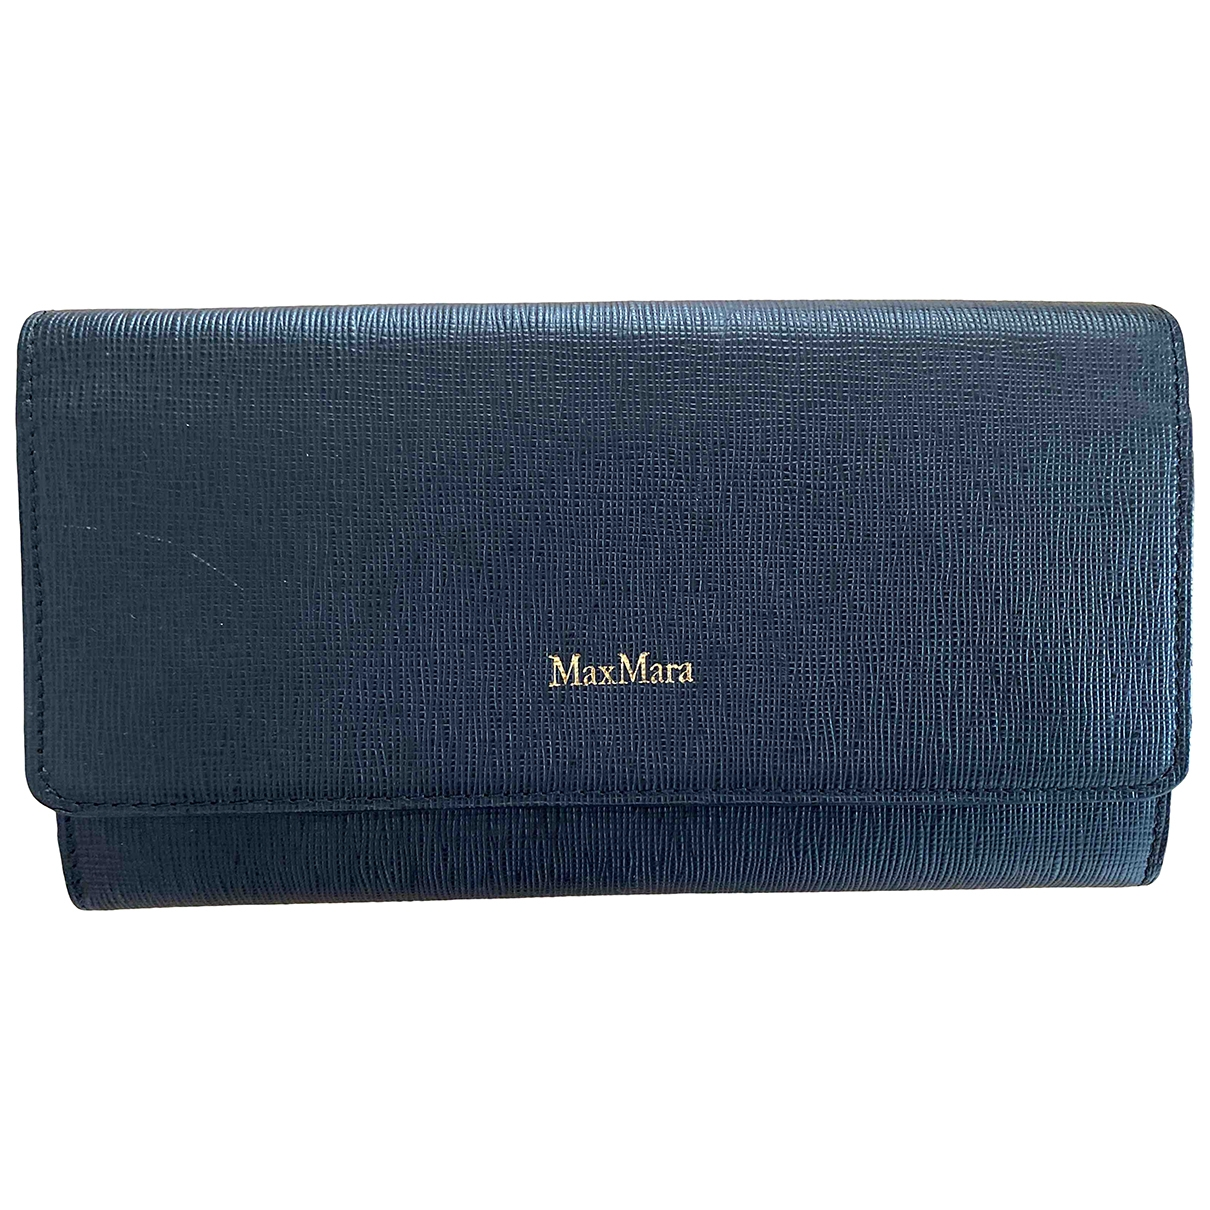 Max Mara \N Black Leather wallet for Women \N